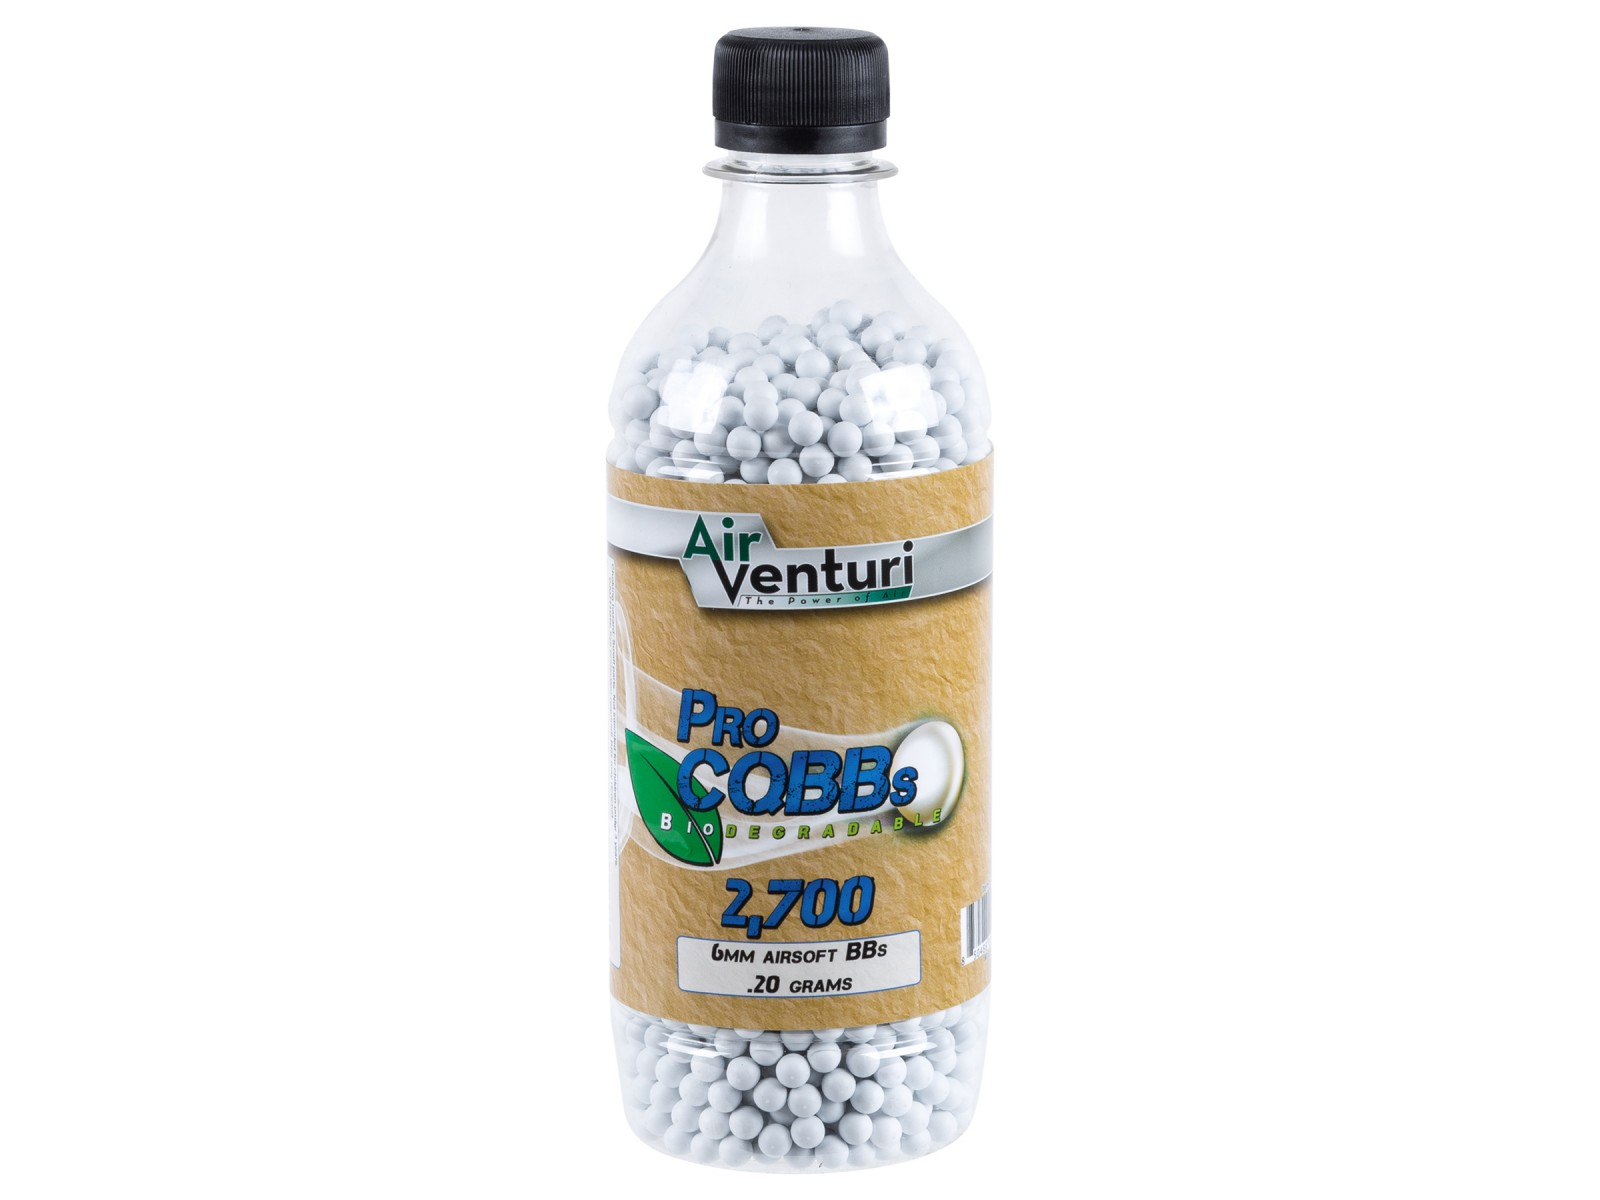 Air Venturi Pro CQBBs 6mm biodegradable airsoft BBs, 0.20g, 2700 rds, white